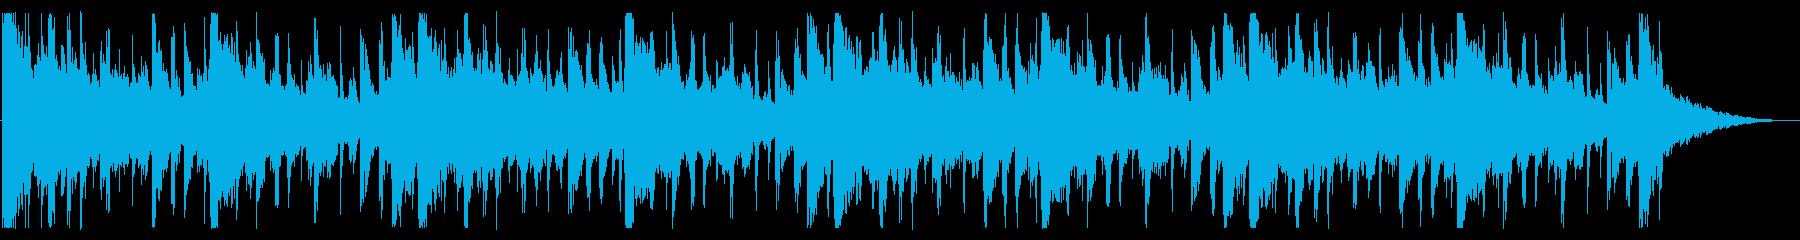 爽やかモーニング/R&B_No598_5の再生済みの波形